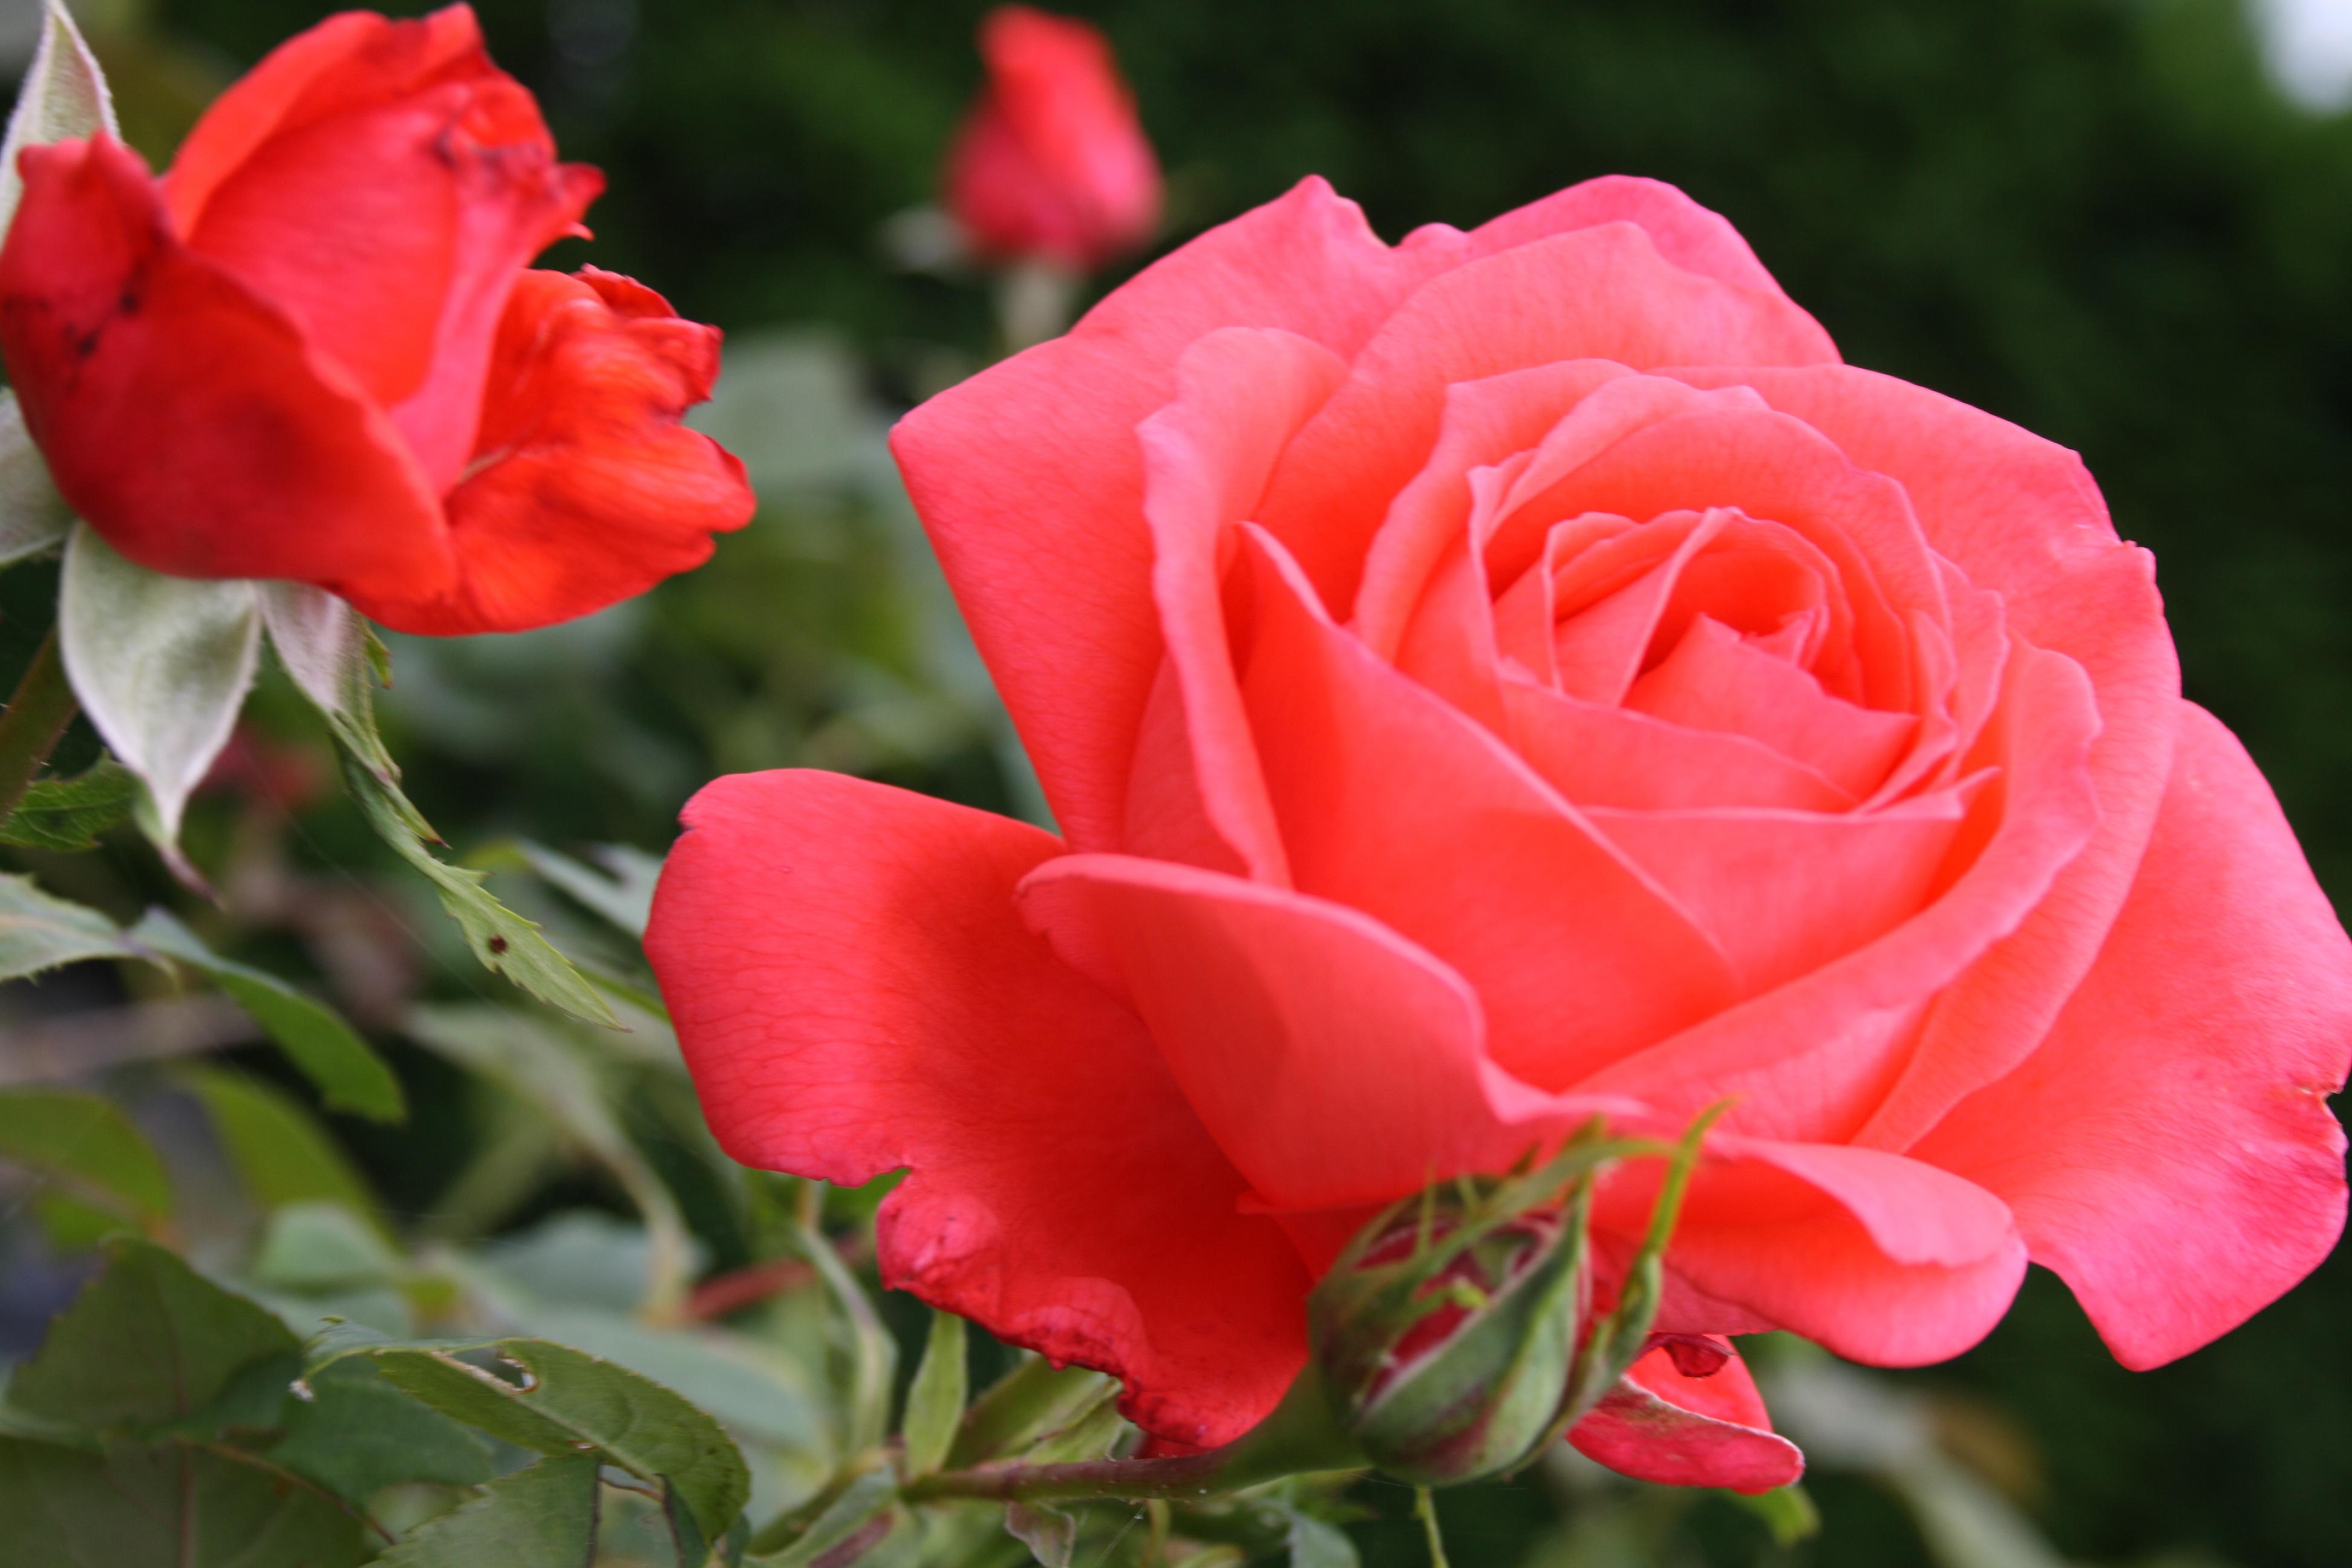 Cand visezi negi rosii